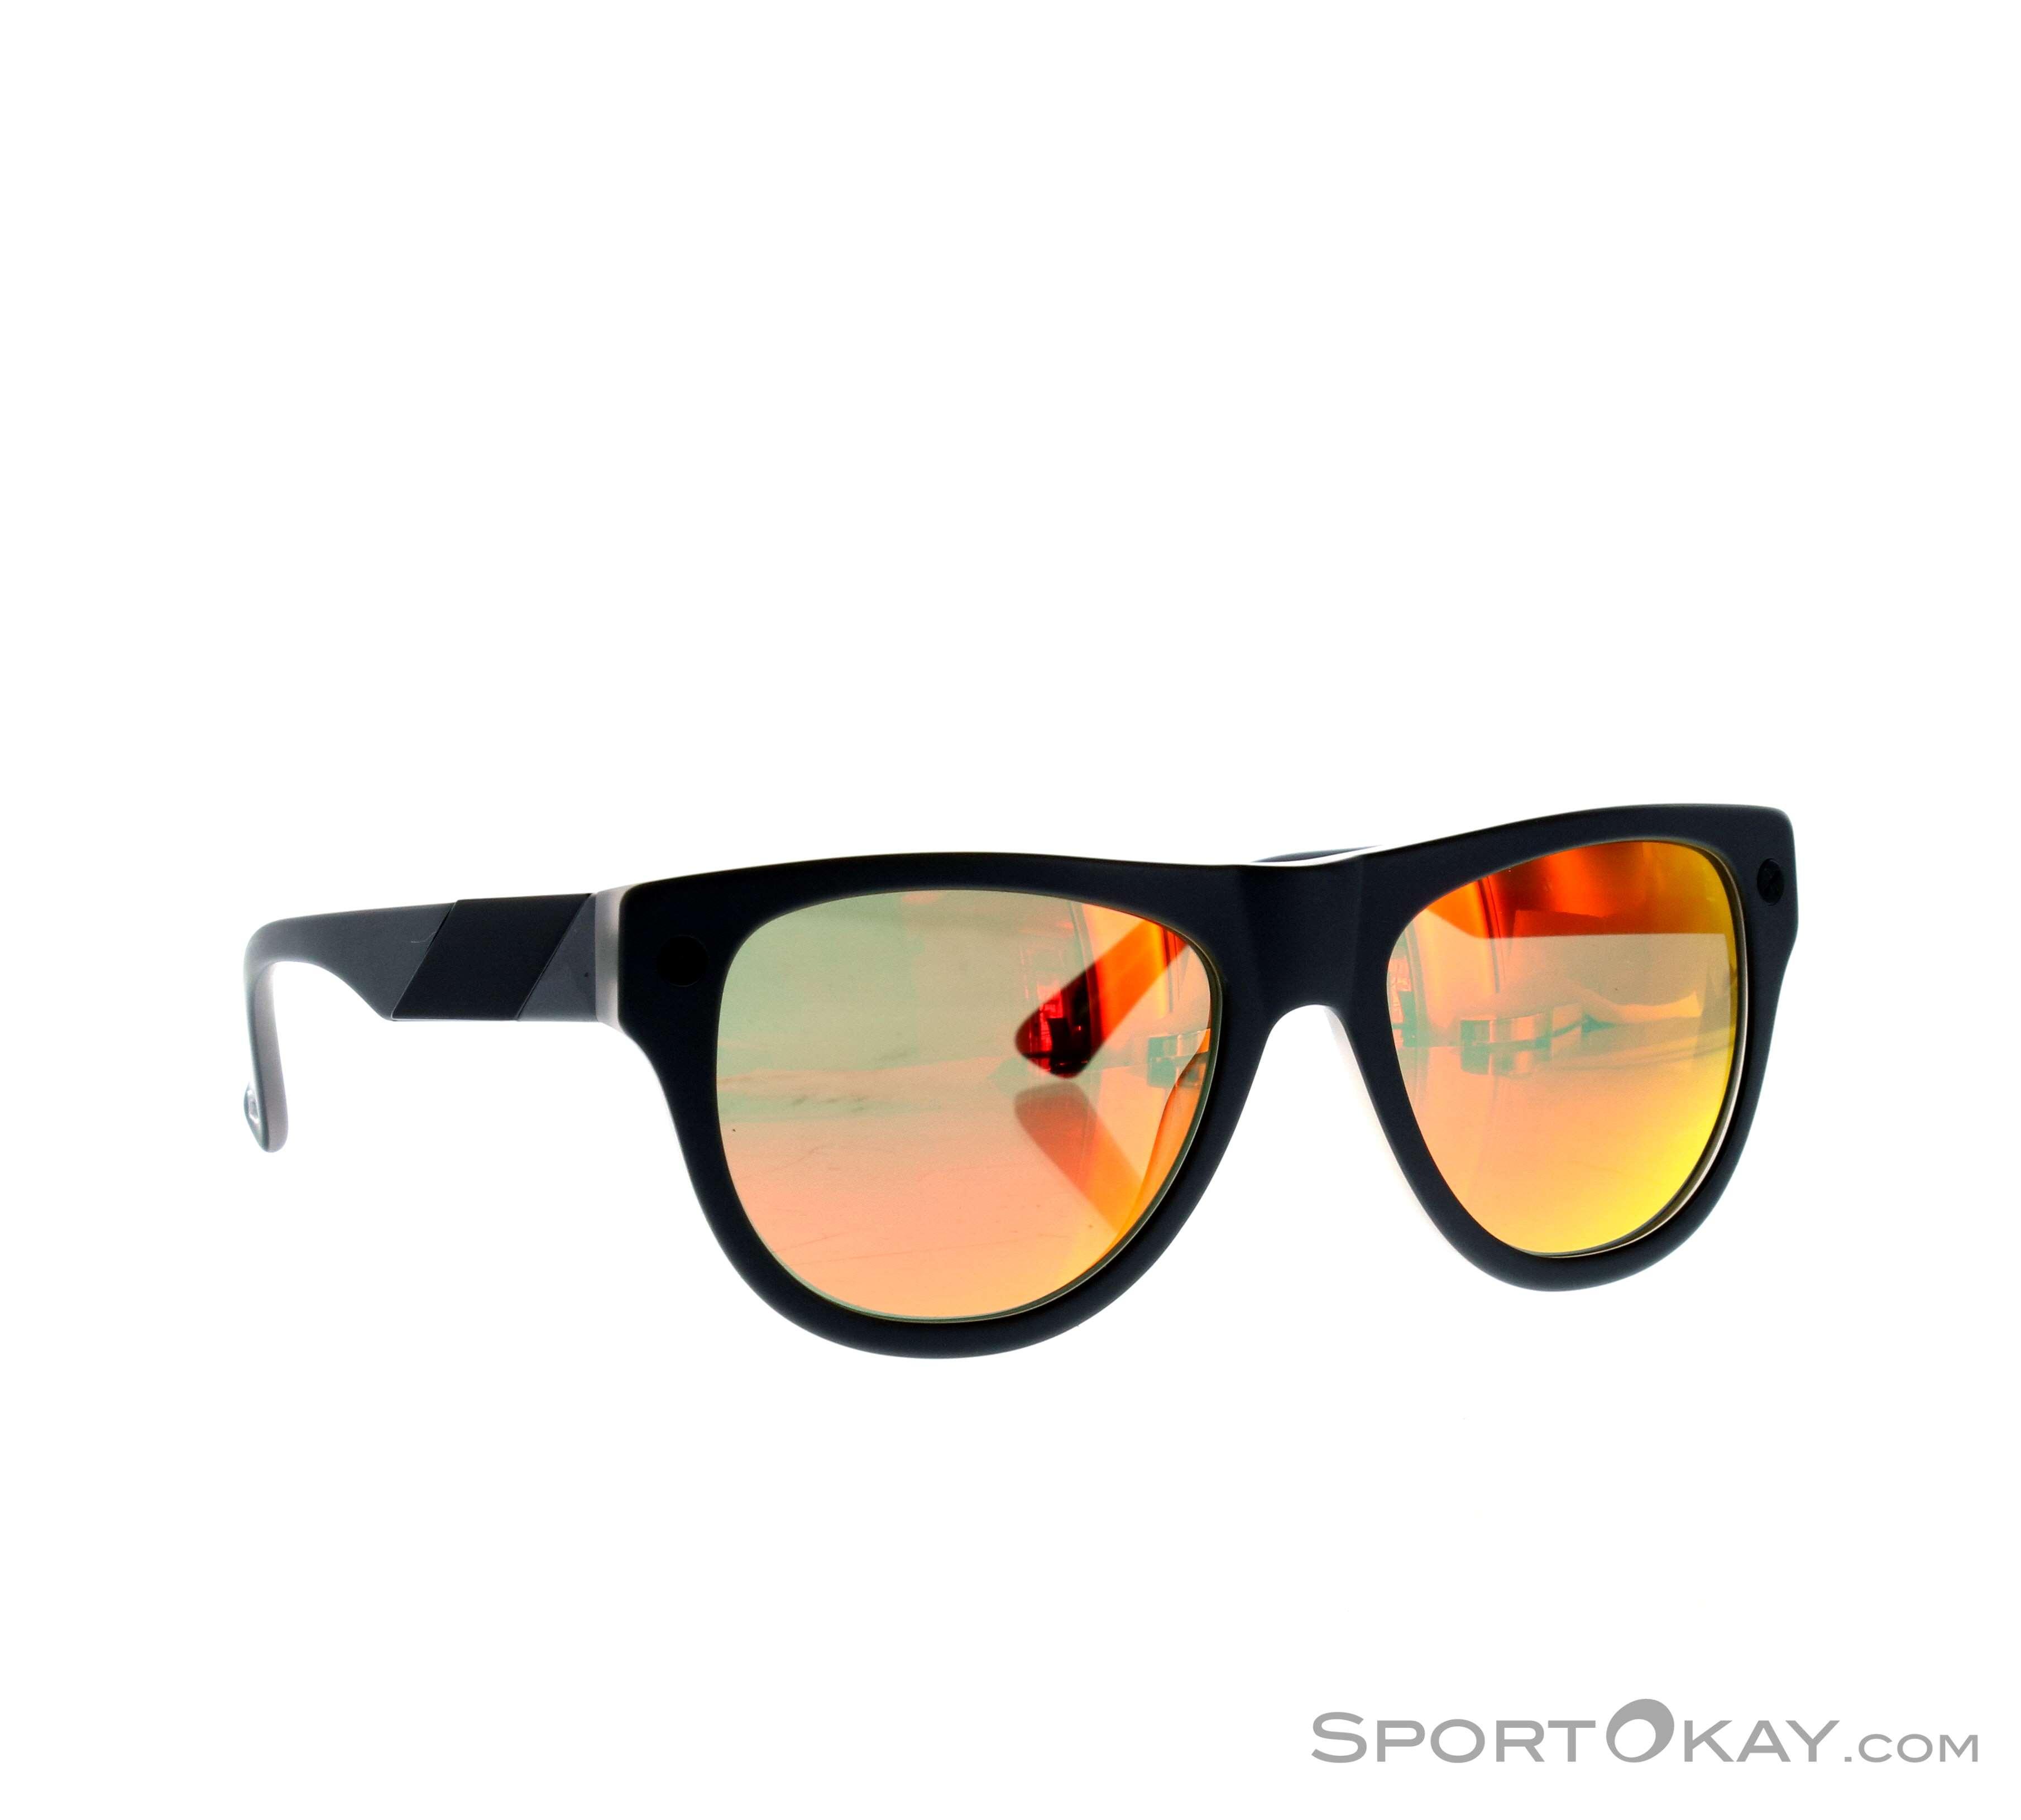 Sonnenbrille HIGGINS von 100% eu4mx